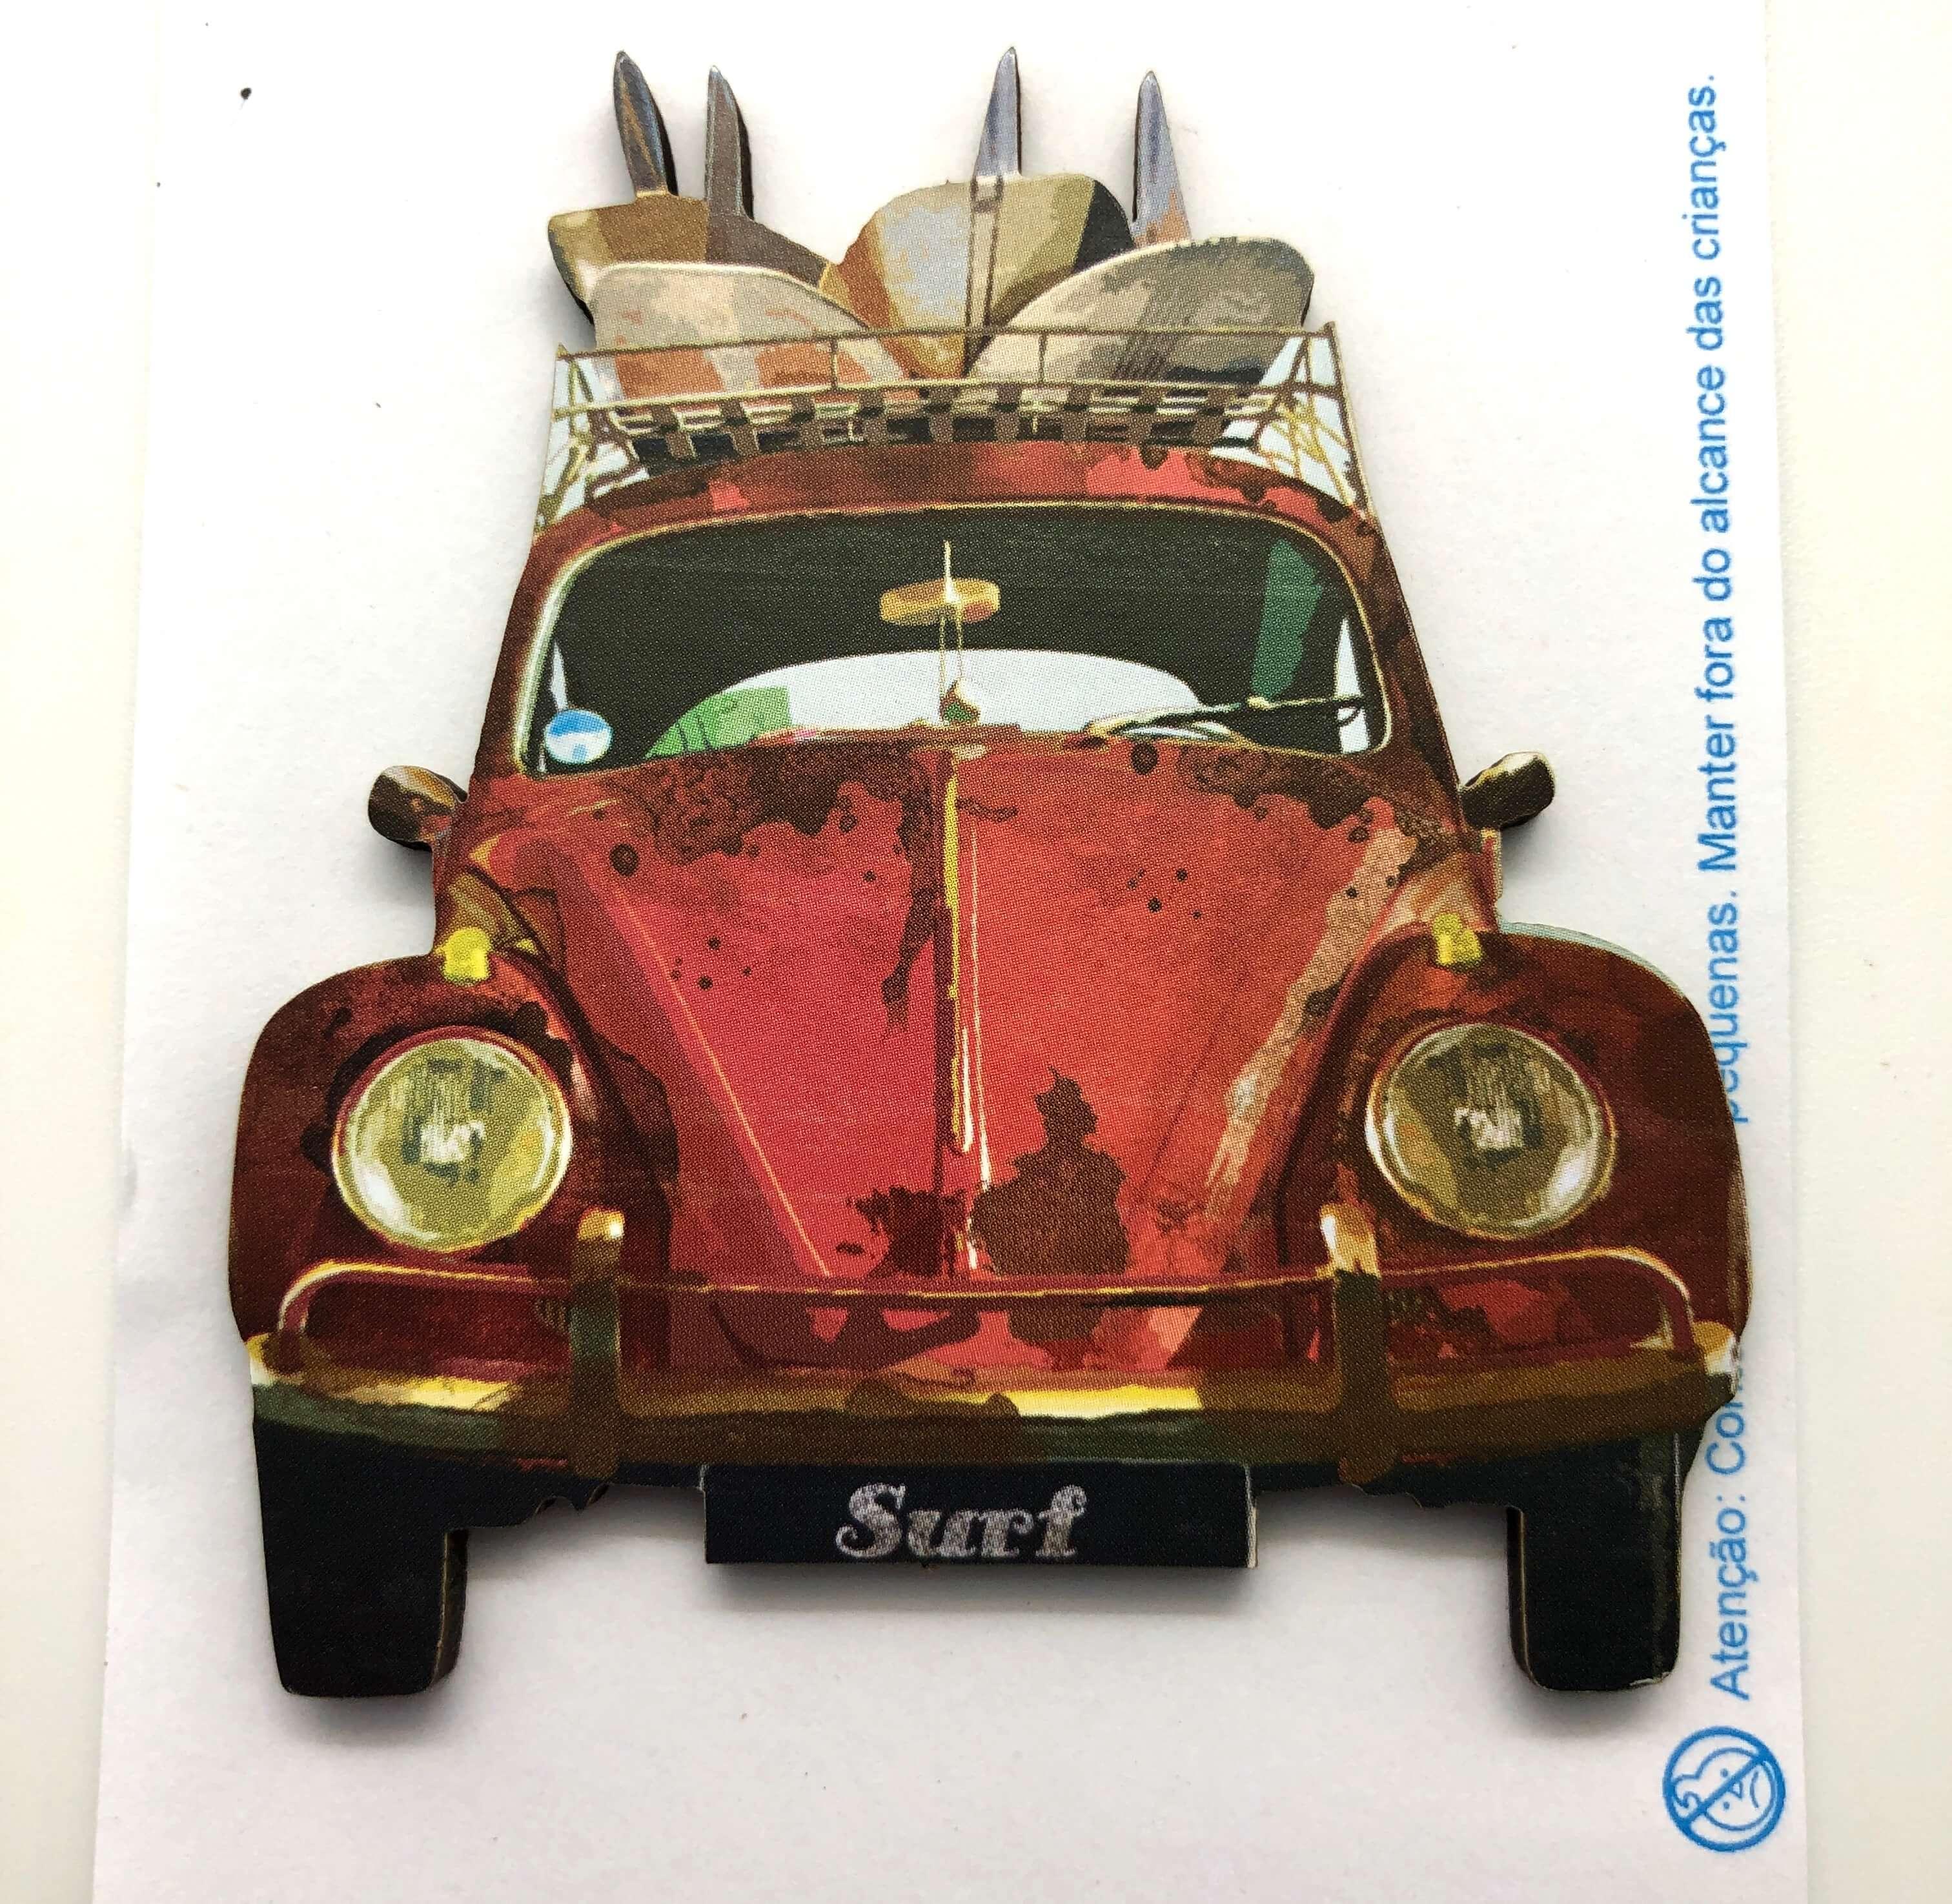 Beetle Car : Wood Embellishment Crafts Scrap Diy Shape Laser Surf